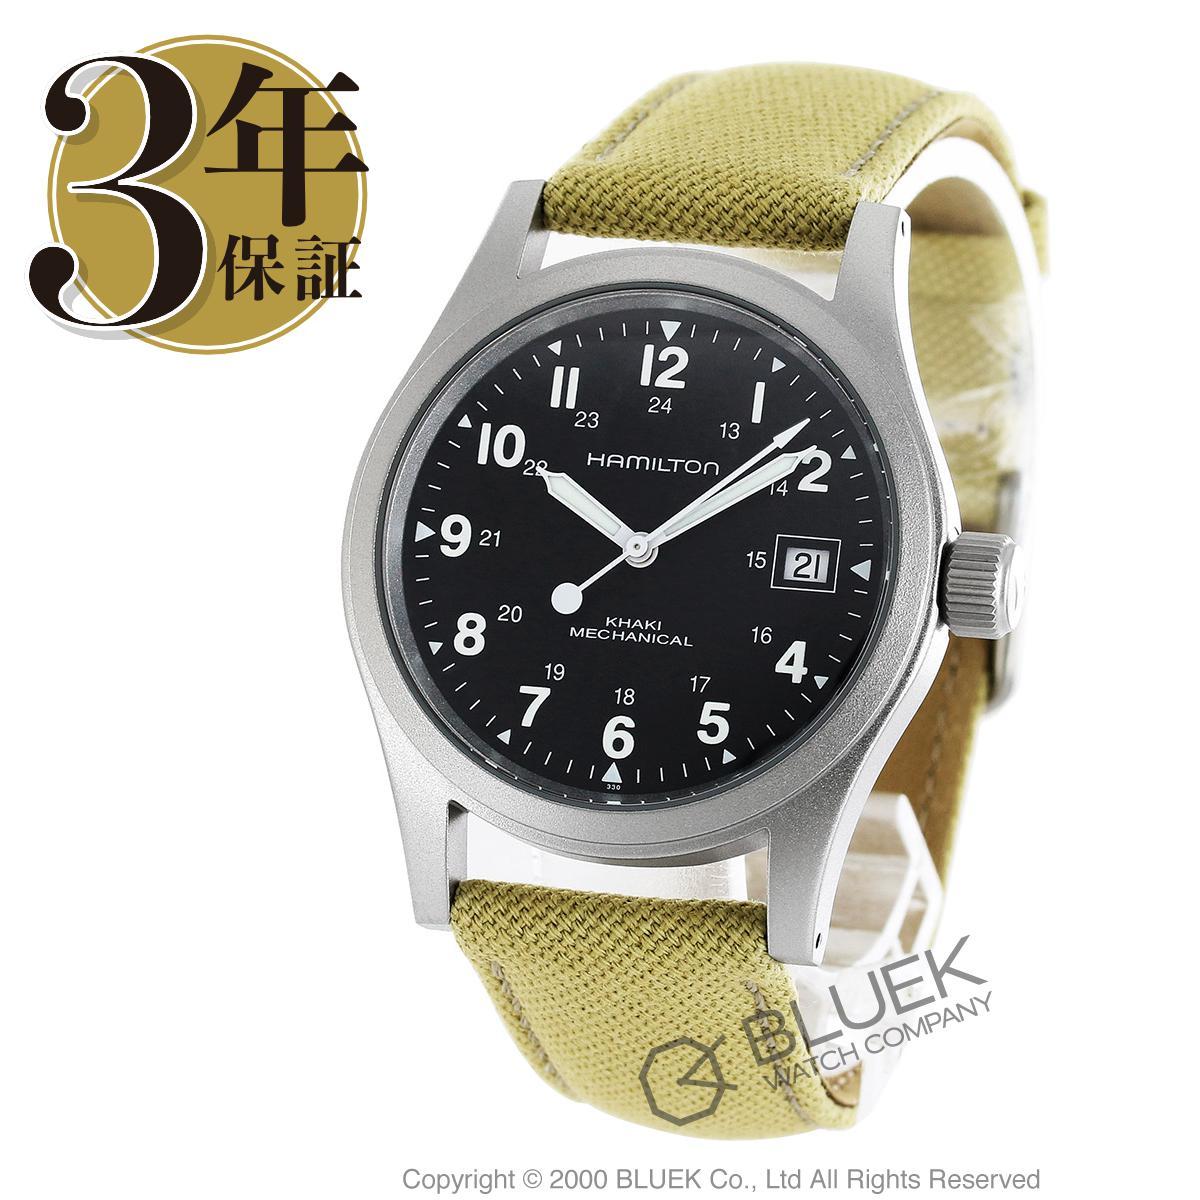 ハミルトン カーキ フィールド オフィサー キャンパスレザー 腕時計 メンズ HAMILTON H69419933_8 バーゲン 成人祝い ギフト プレゼント